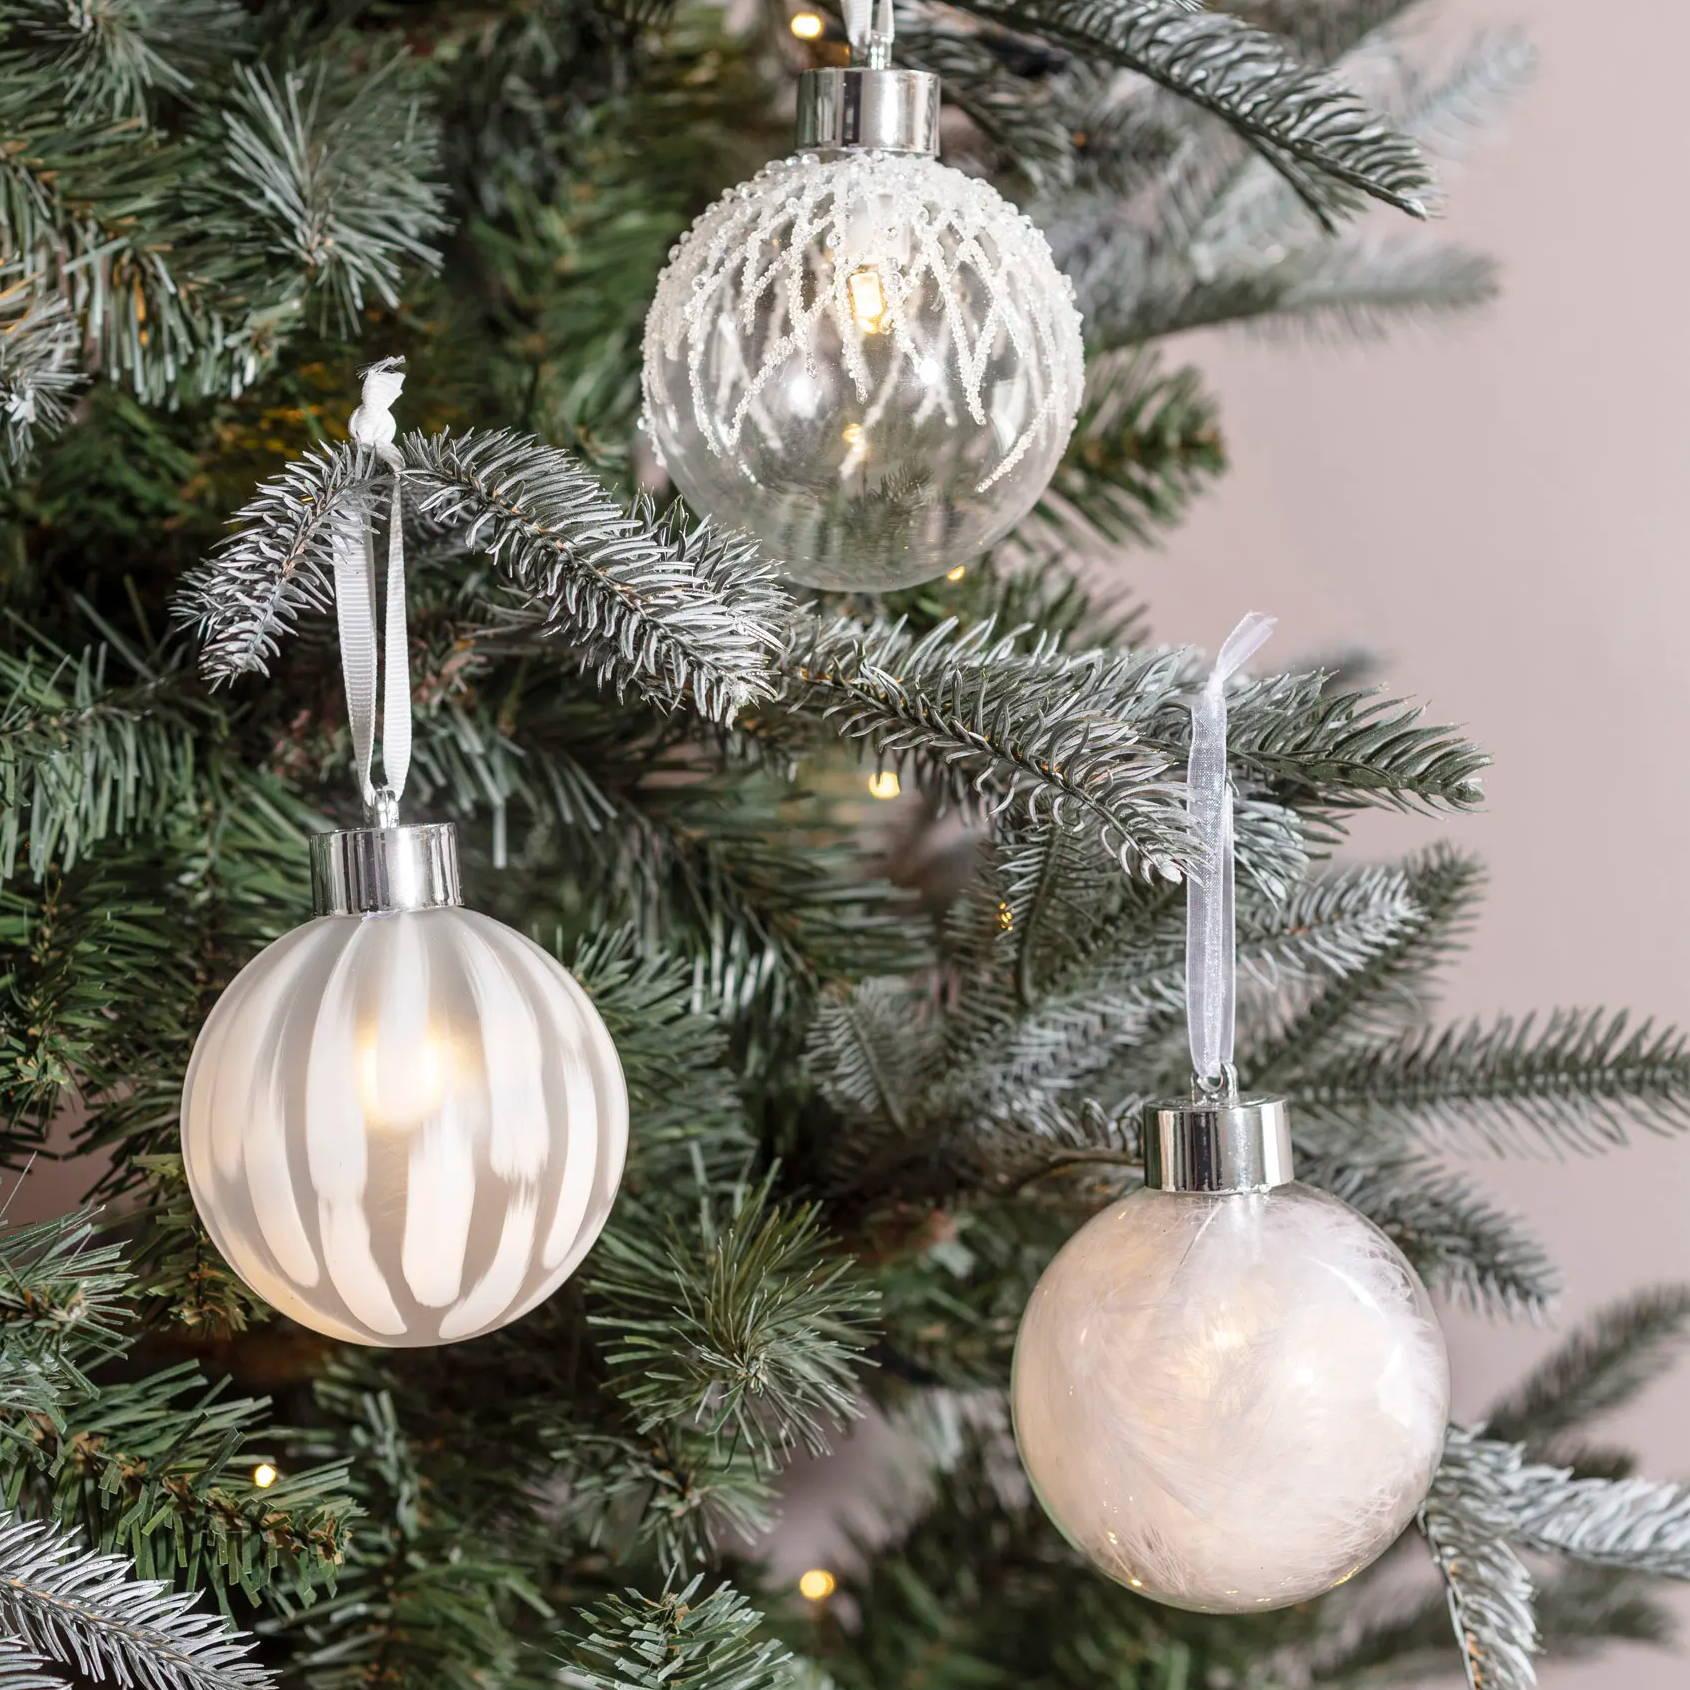 Drei weiße Weihnachtsbaumkugeln mit LED-Licht.